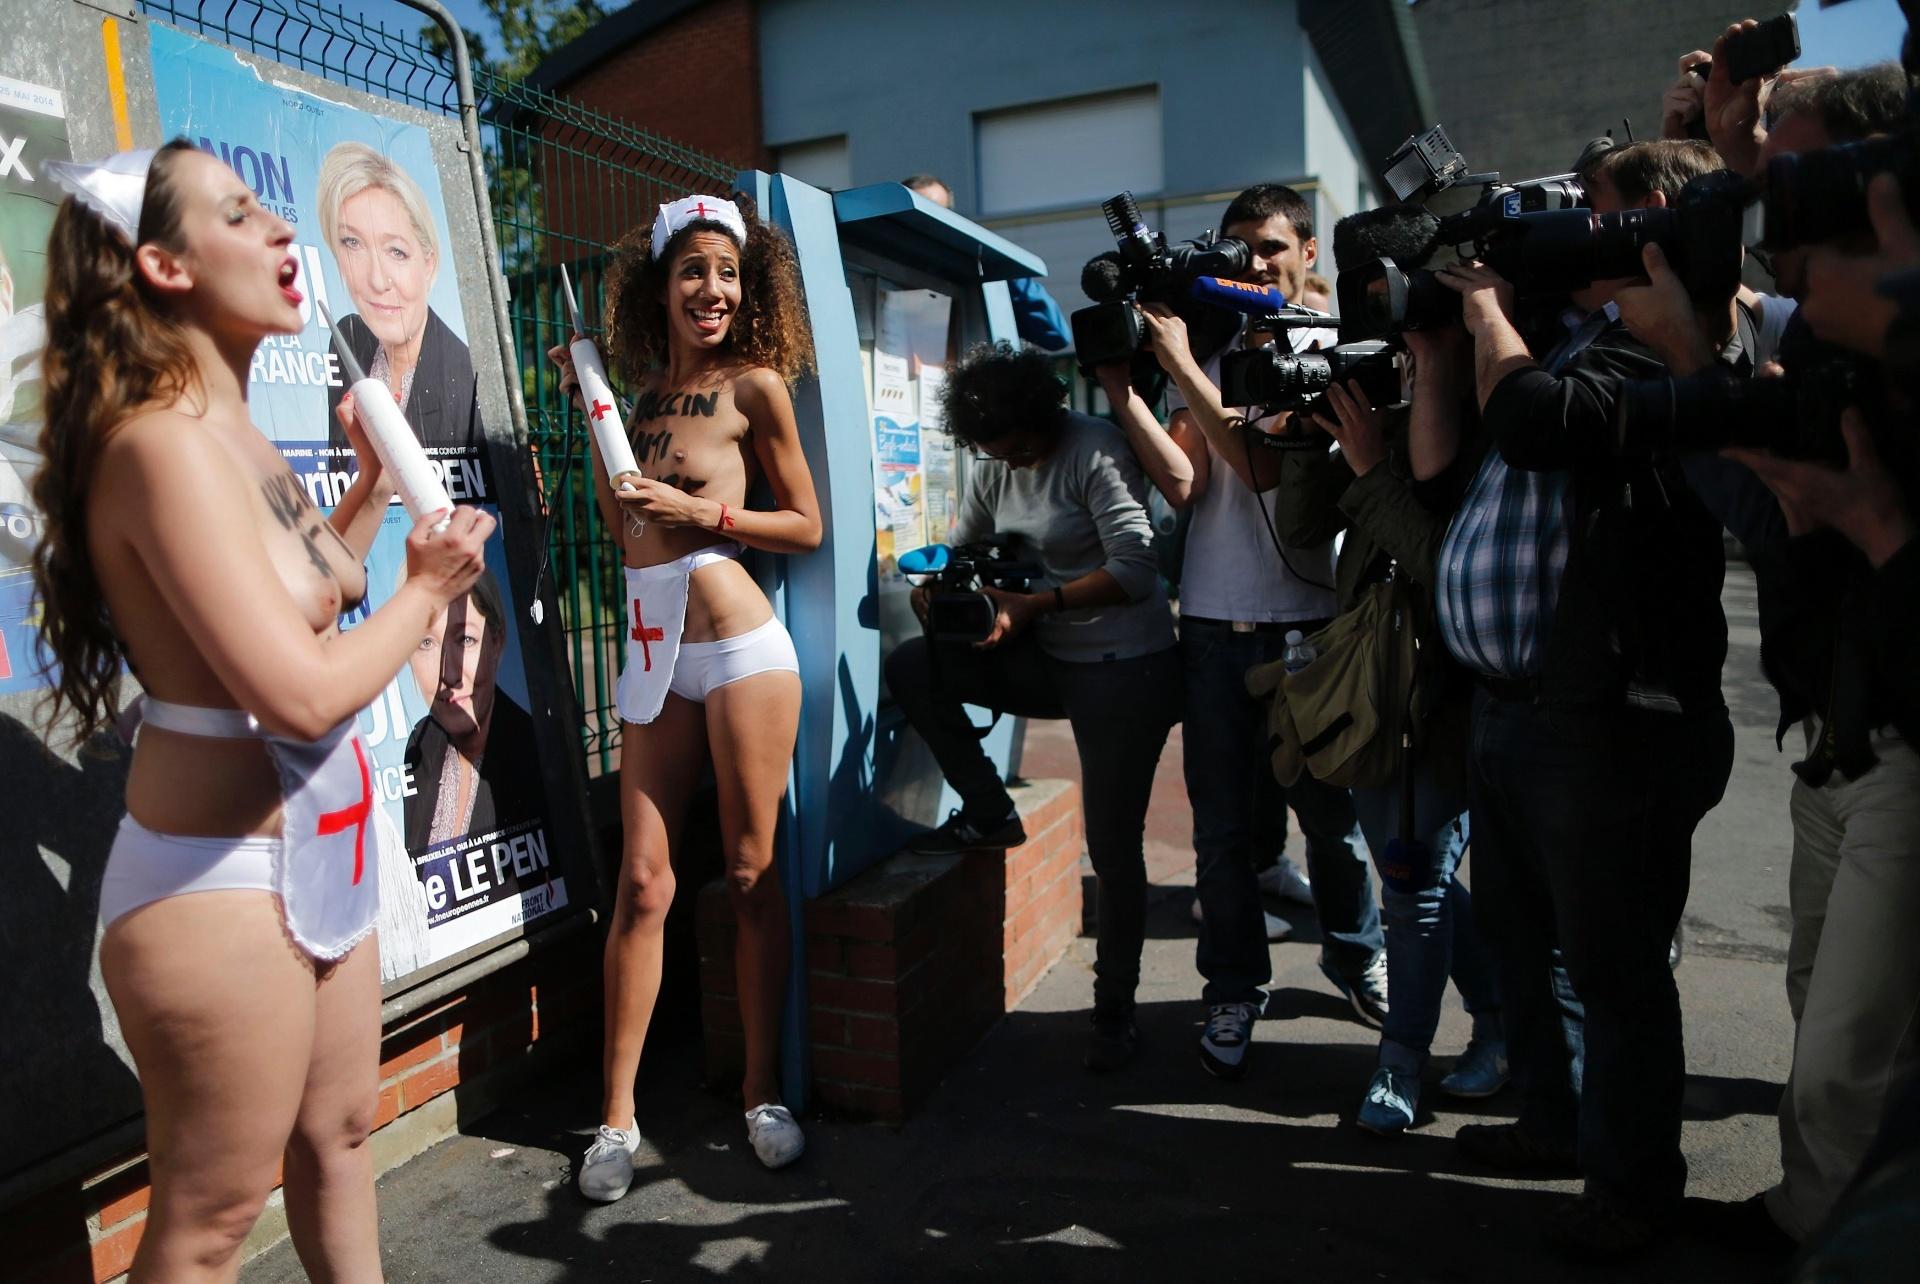 25.mai.2014 - Ativistas da organização Femen, que luta pelos direitos das mulheres, protestam neste domingo (25) em Henin-Beaumont, França. Cidadãos de 28 países votam para escolher 751 membros para o parlamento da União Européia